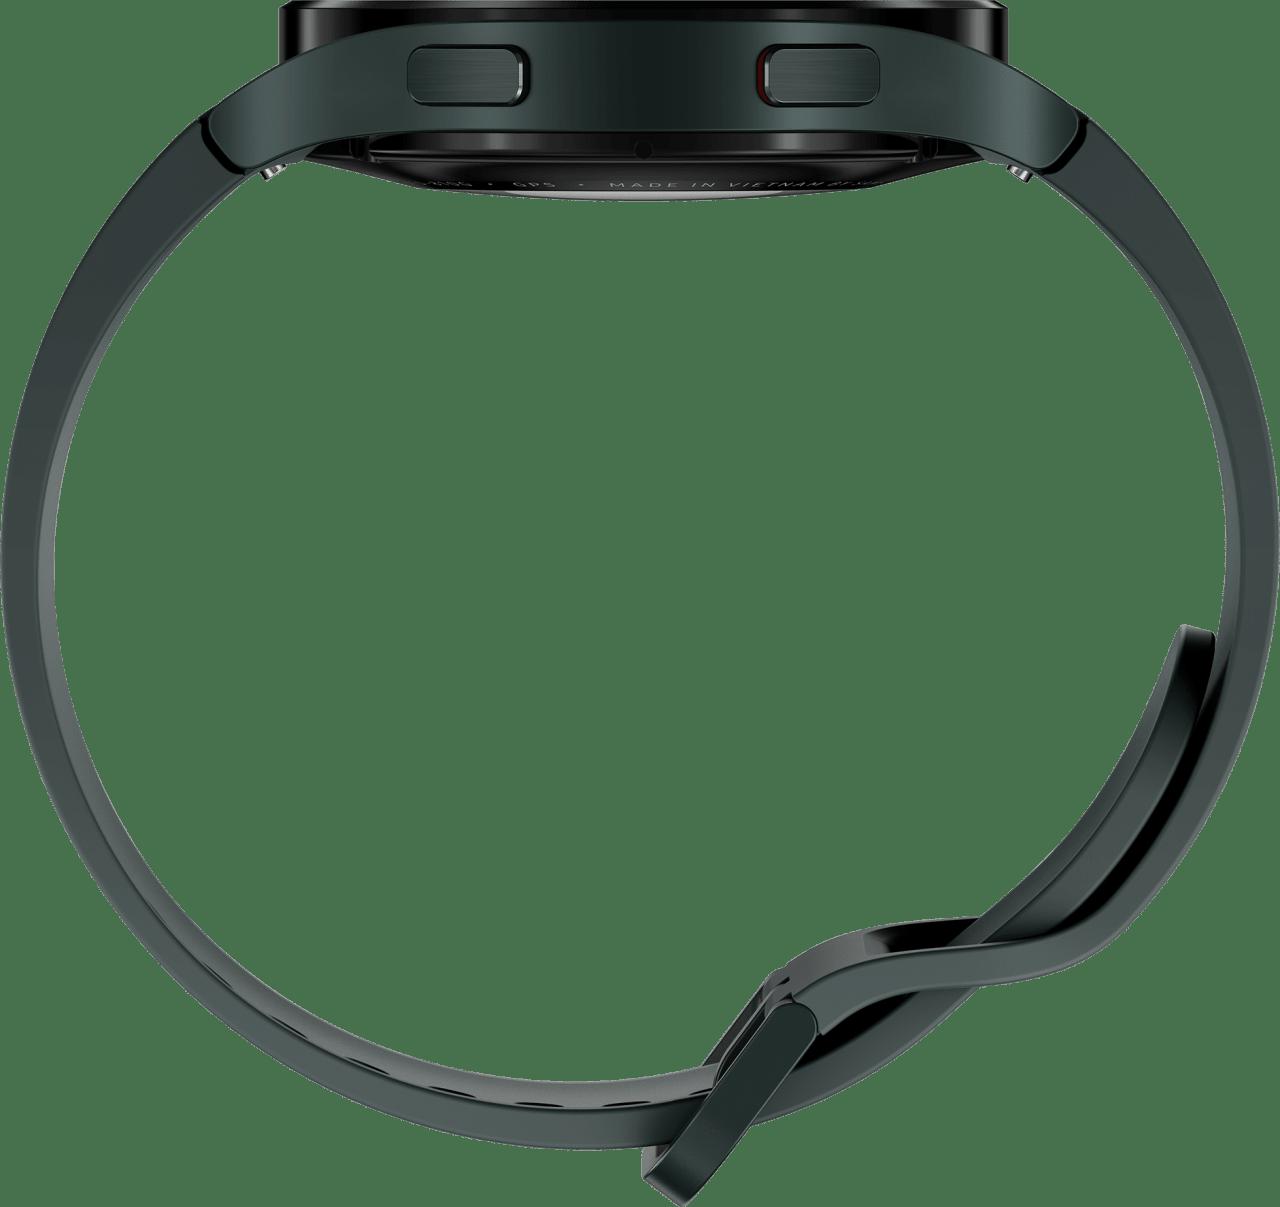 Groen Samsung Galaxy Watch4 LTE, 44mm.2